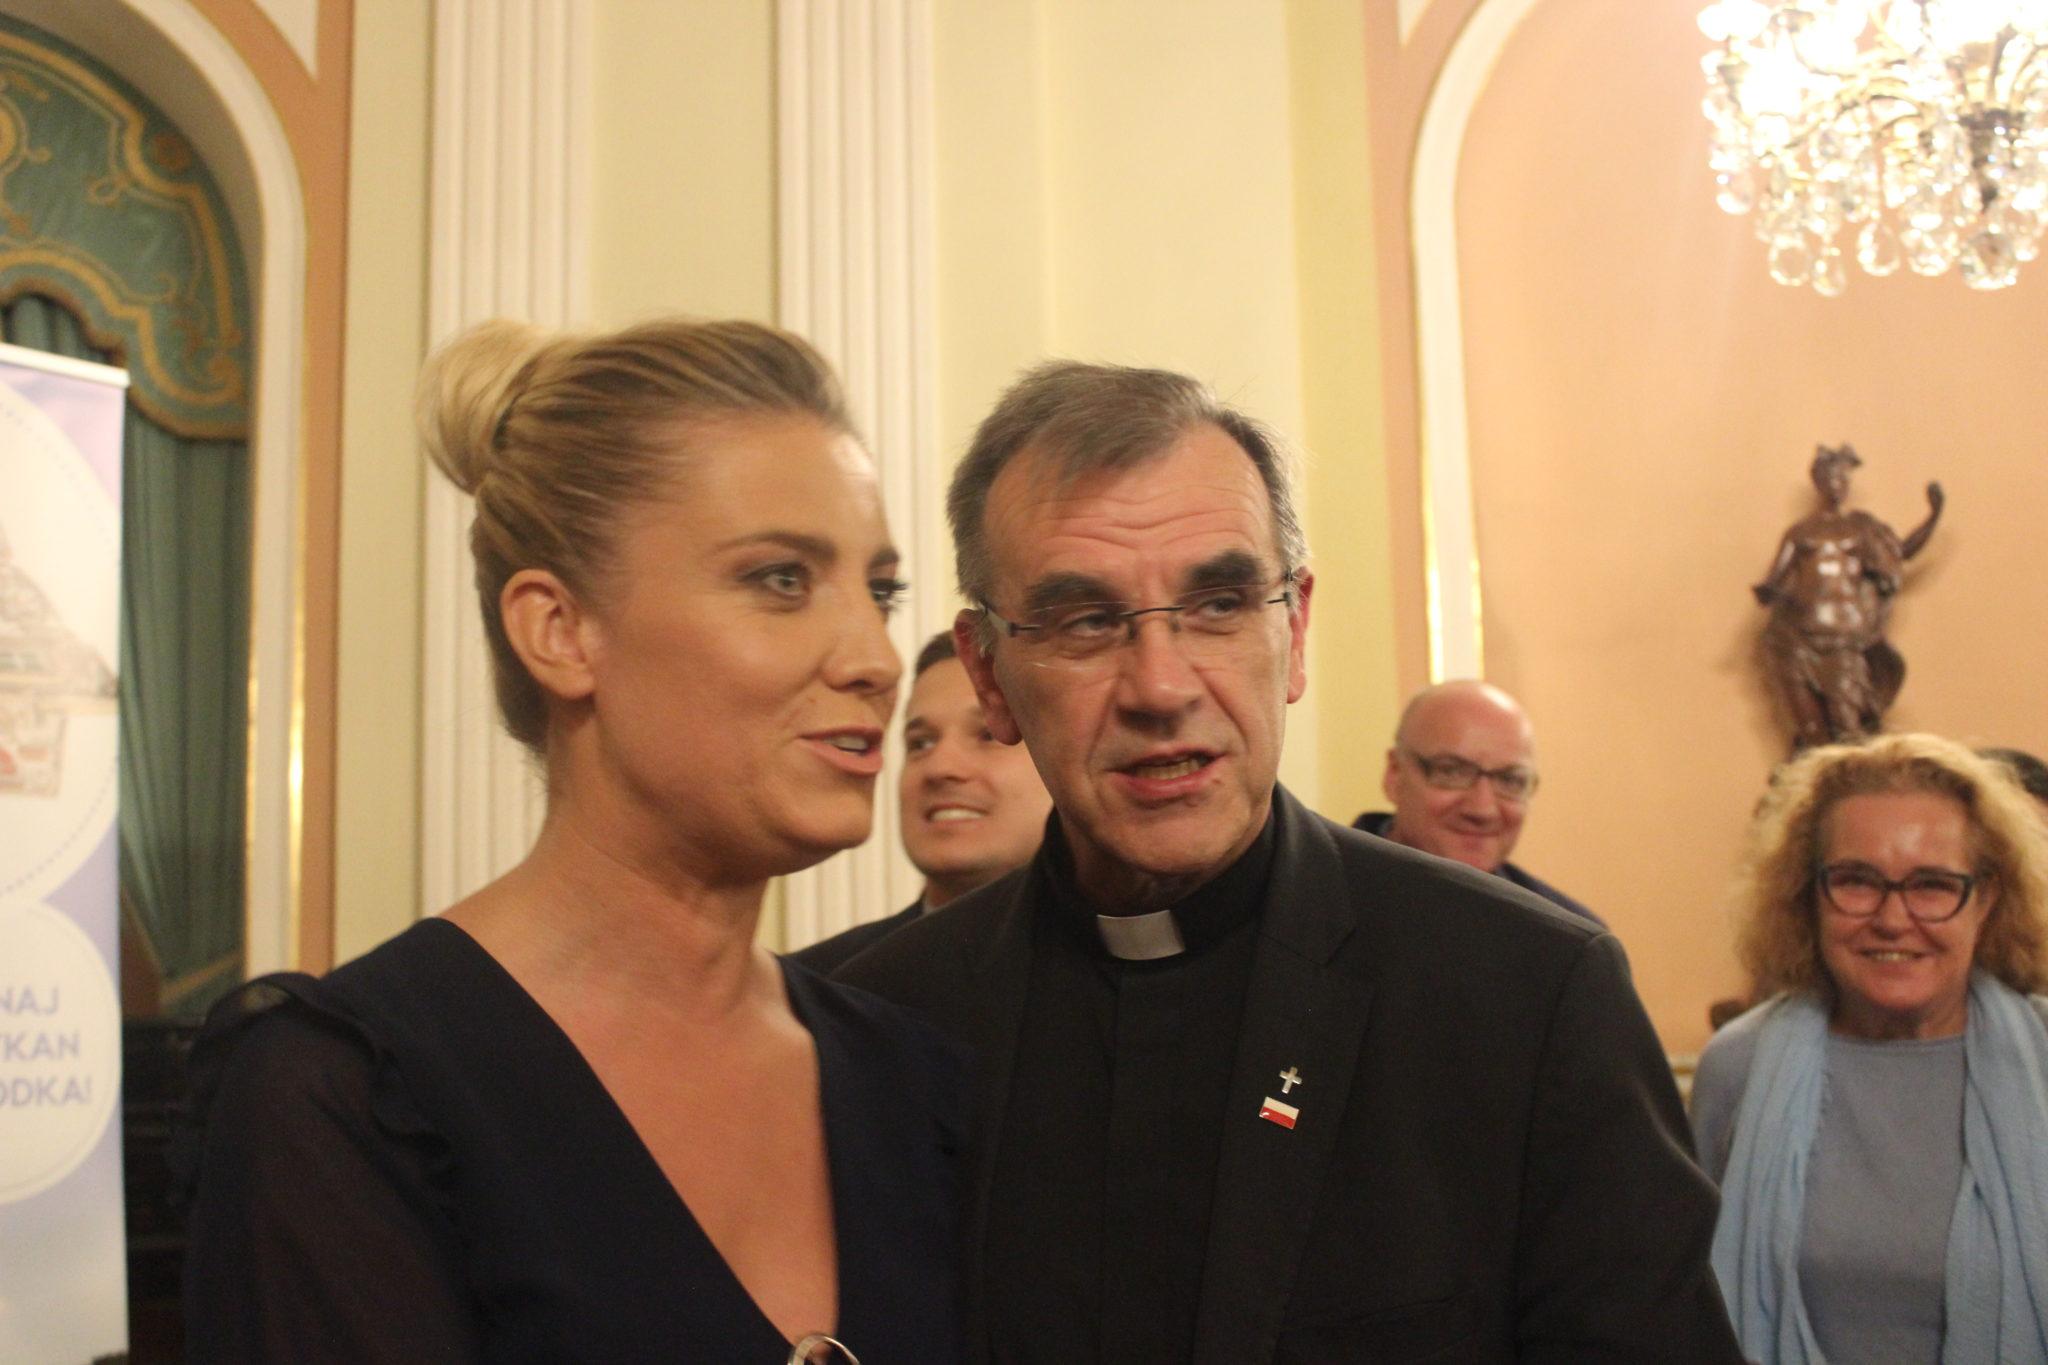 Zdjęcie: Magdalena Wolińska-Riedi i kapelan prezydenta Andrzeja Dudy ks. Zbigniew Kras, fot. misyjne.pl